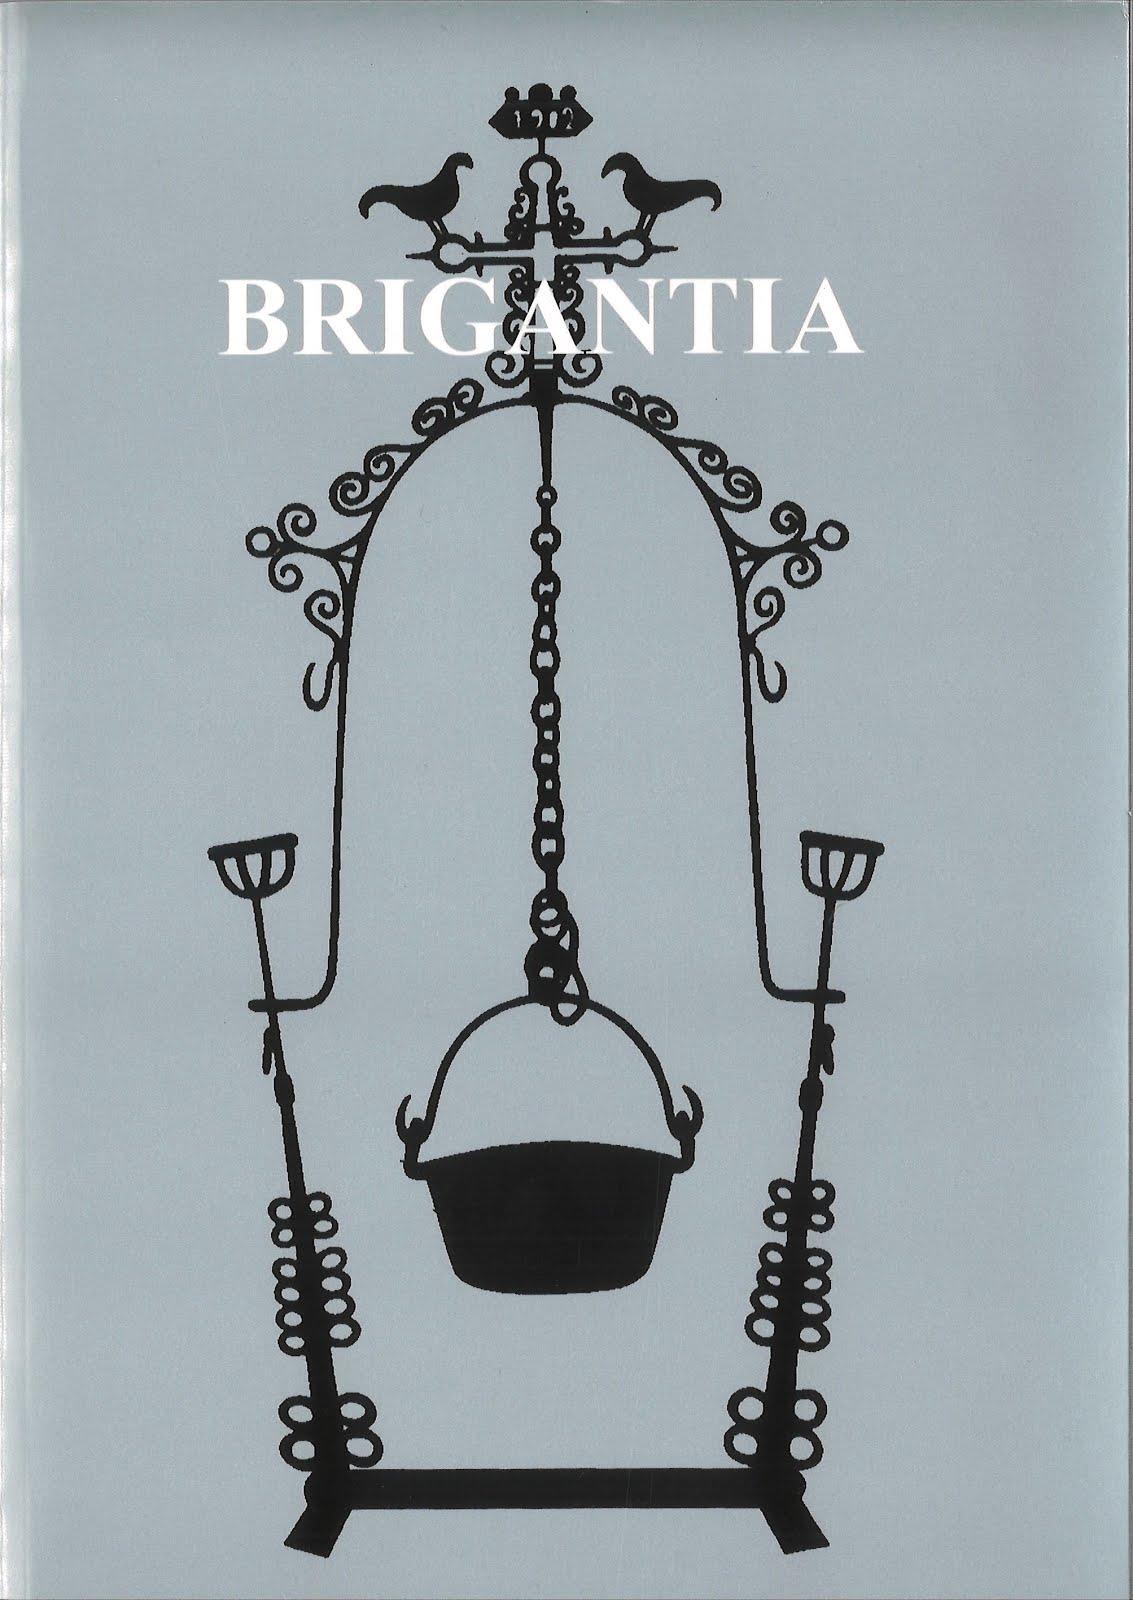 BRIGANTIA- 2018/2019 - Revista de cultura - Bragança